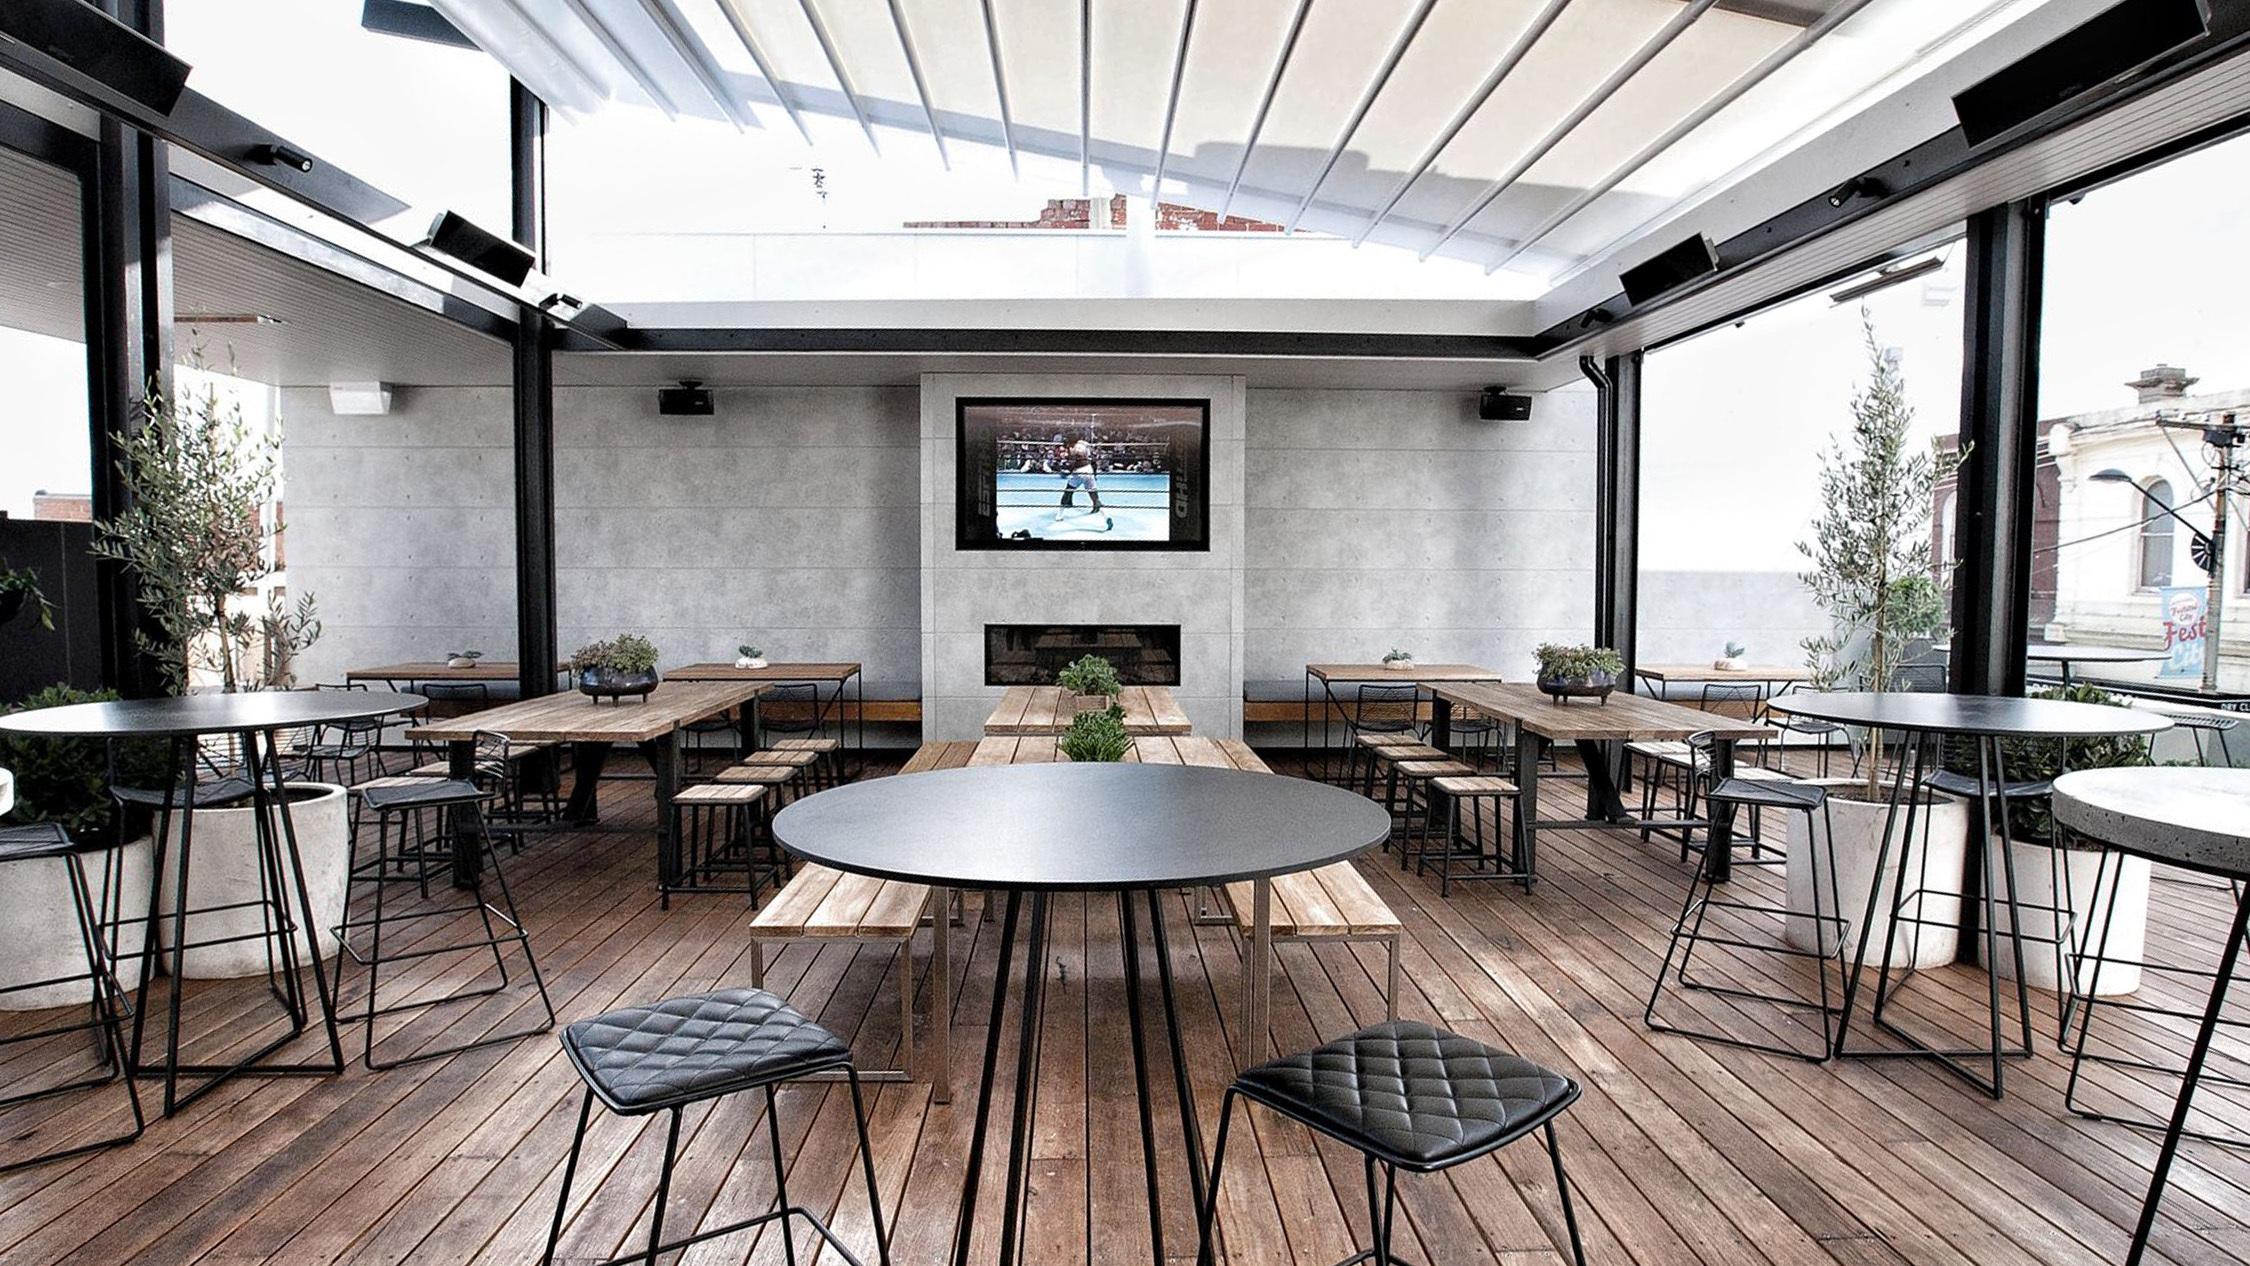 The Railway Hotel melbourne rooftop bar1 - Một quán bar tầng thượng cực xinh xắn vừa xuất hiện ở Tây Melbourne